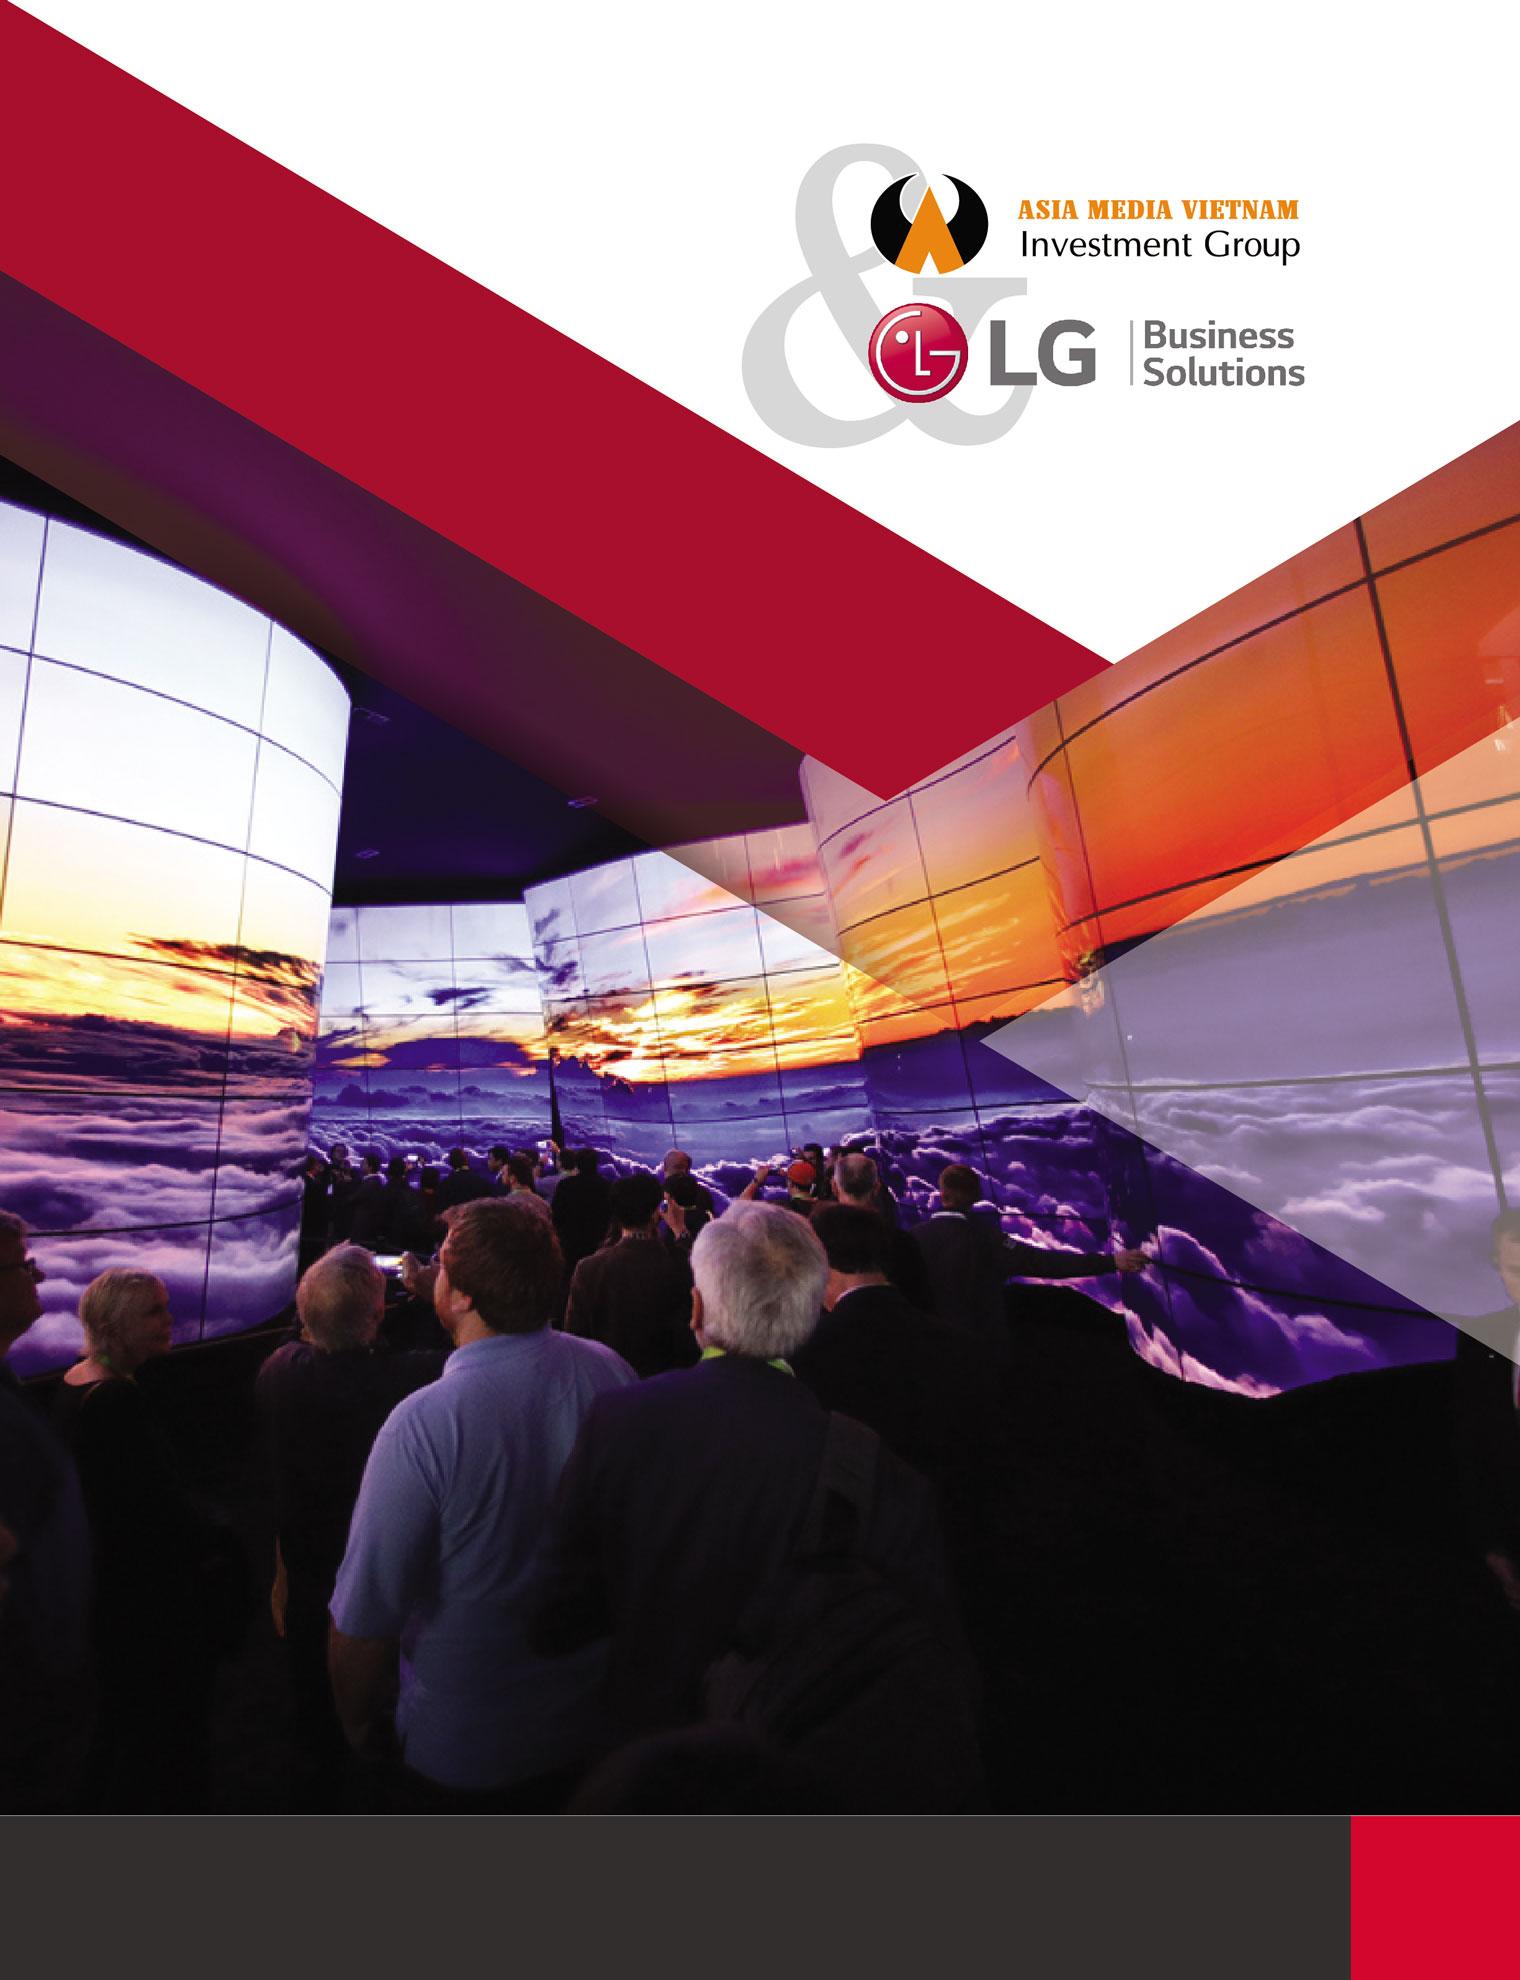 LG trở thành đối tác chính thức của Asia Investment group